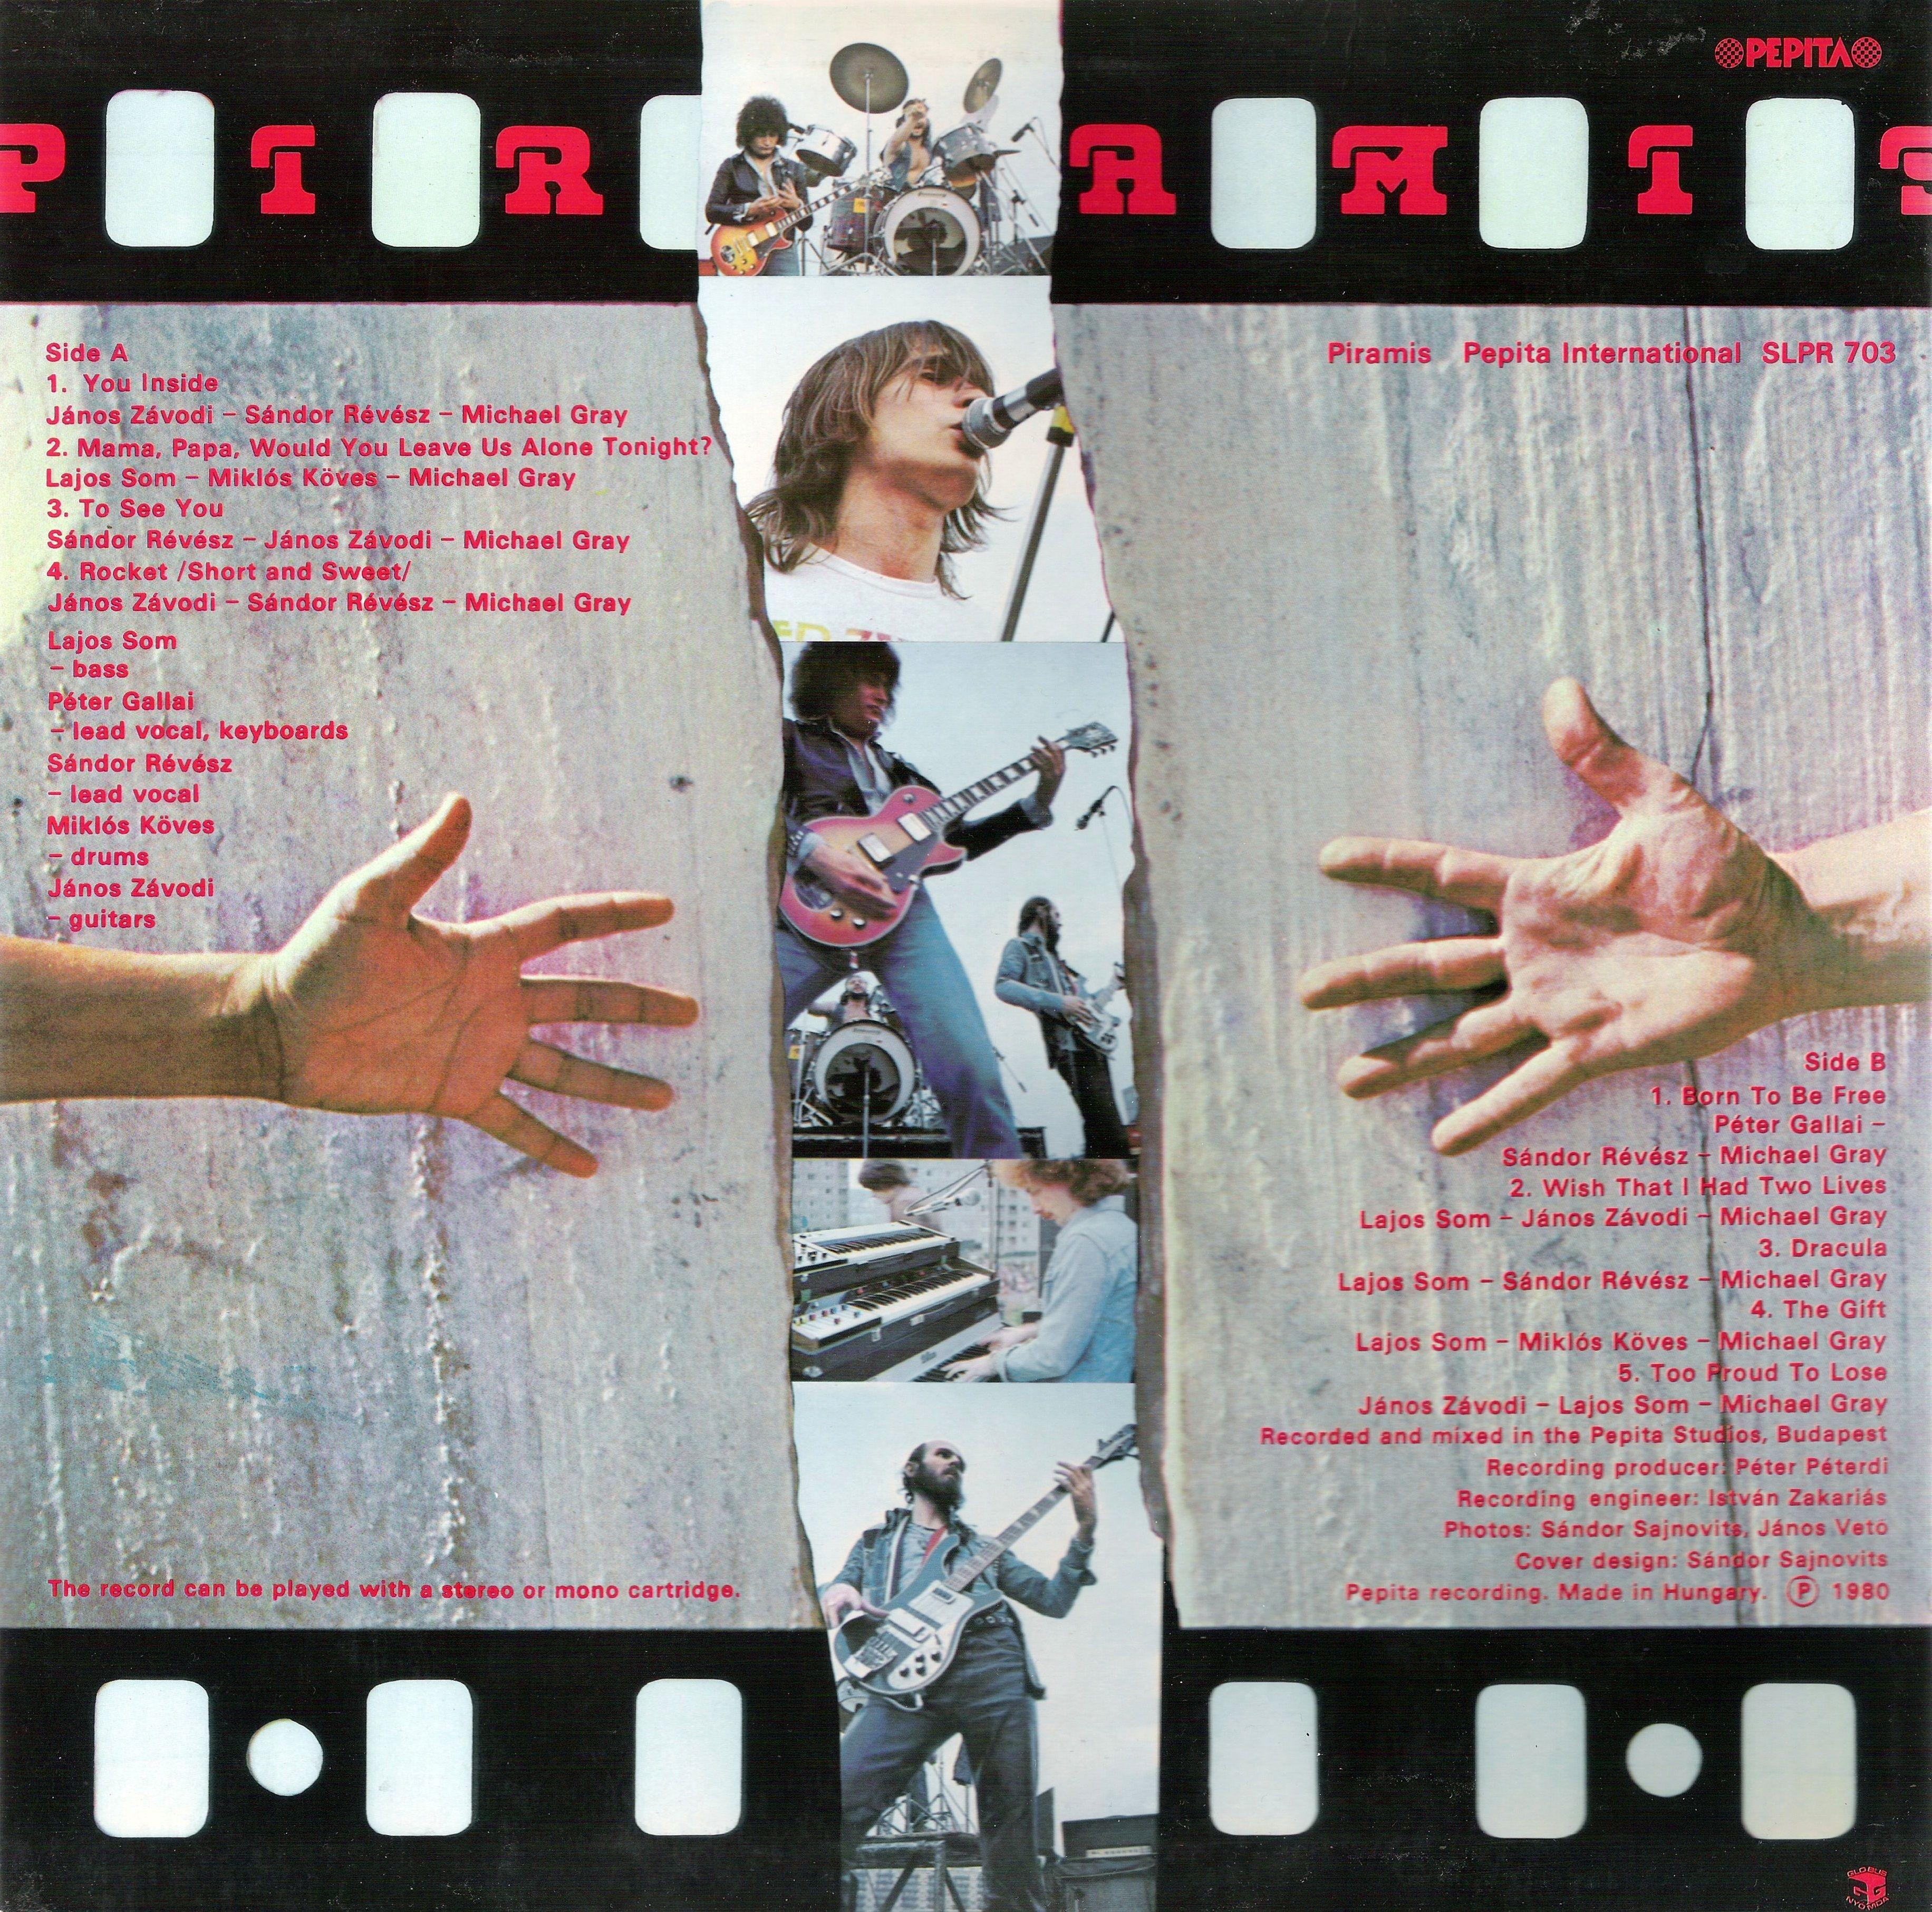 Resultado de imagen de Piramis piramis 1980 album